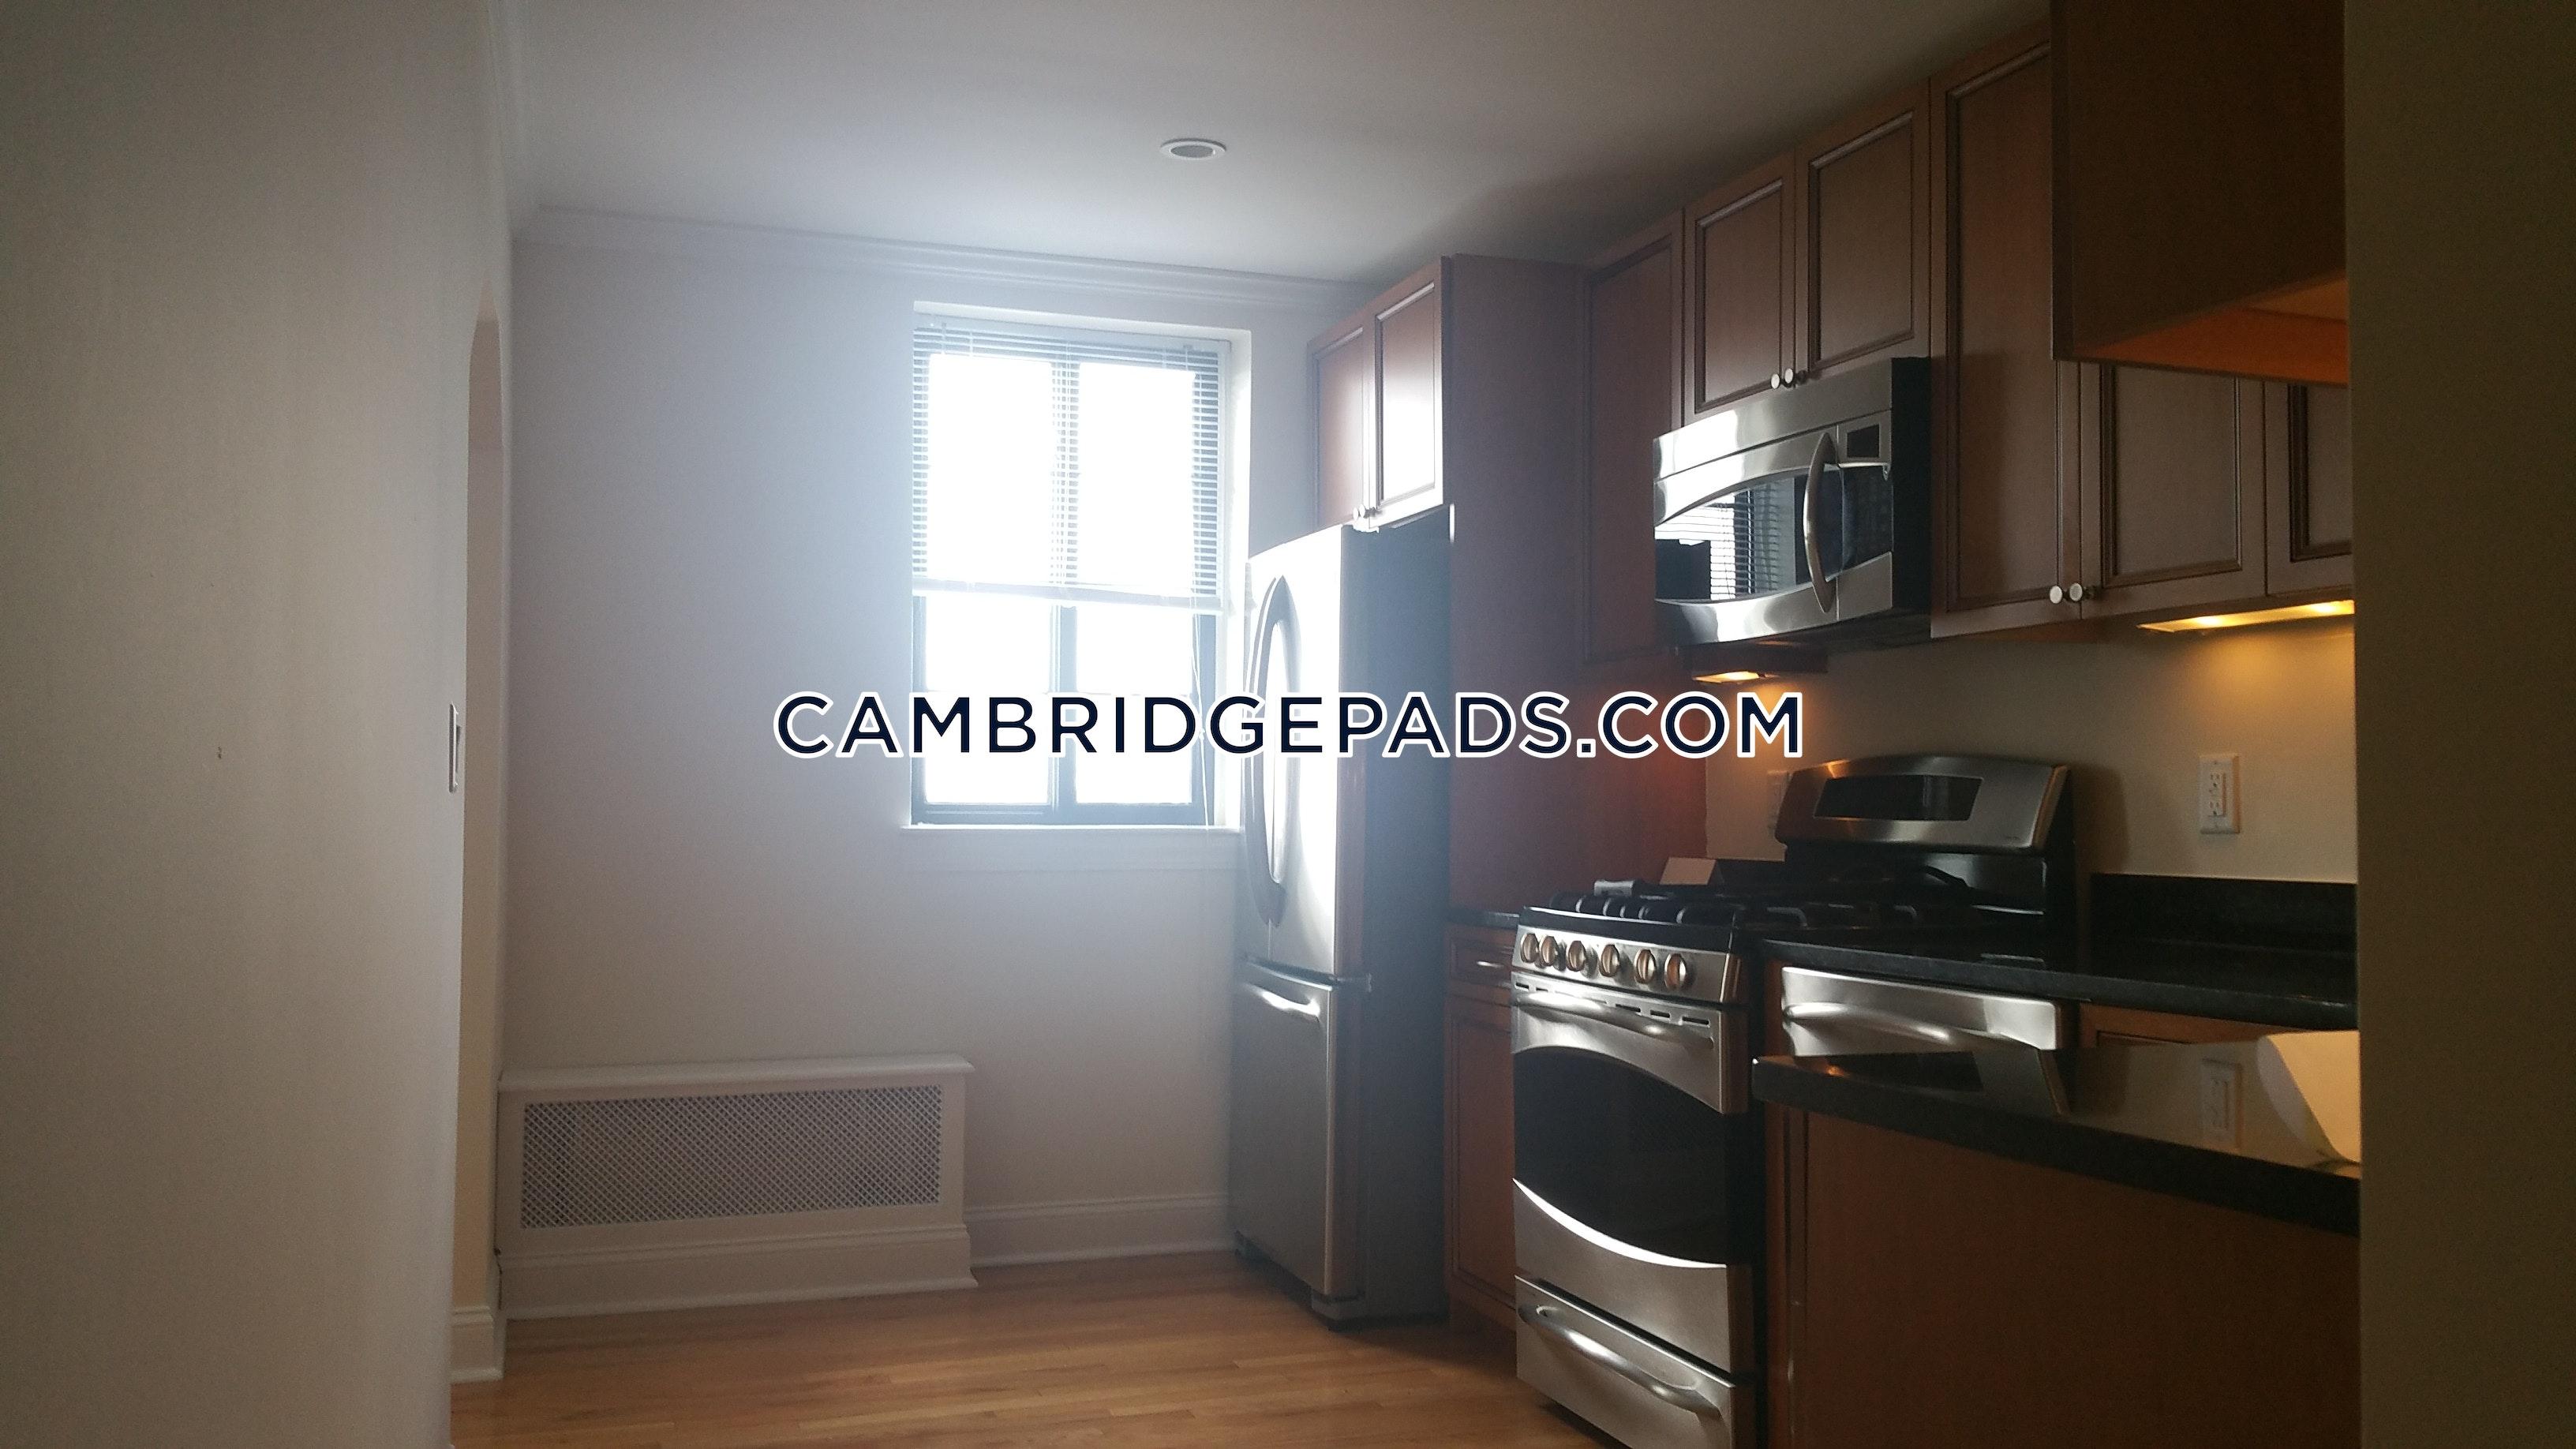 CAMBRIDGE - HARVARD SQUARE - $4,475